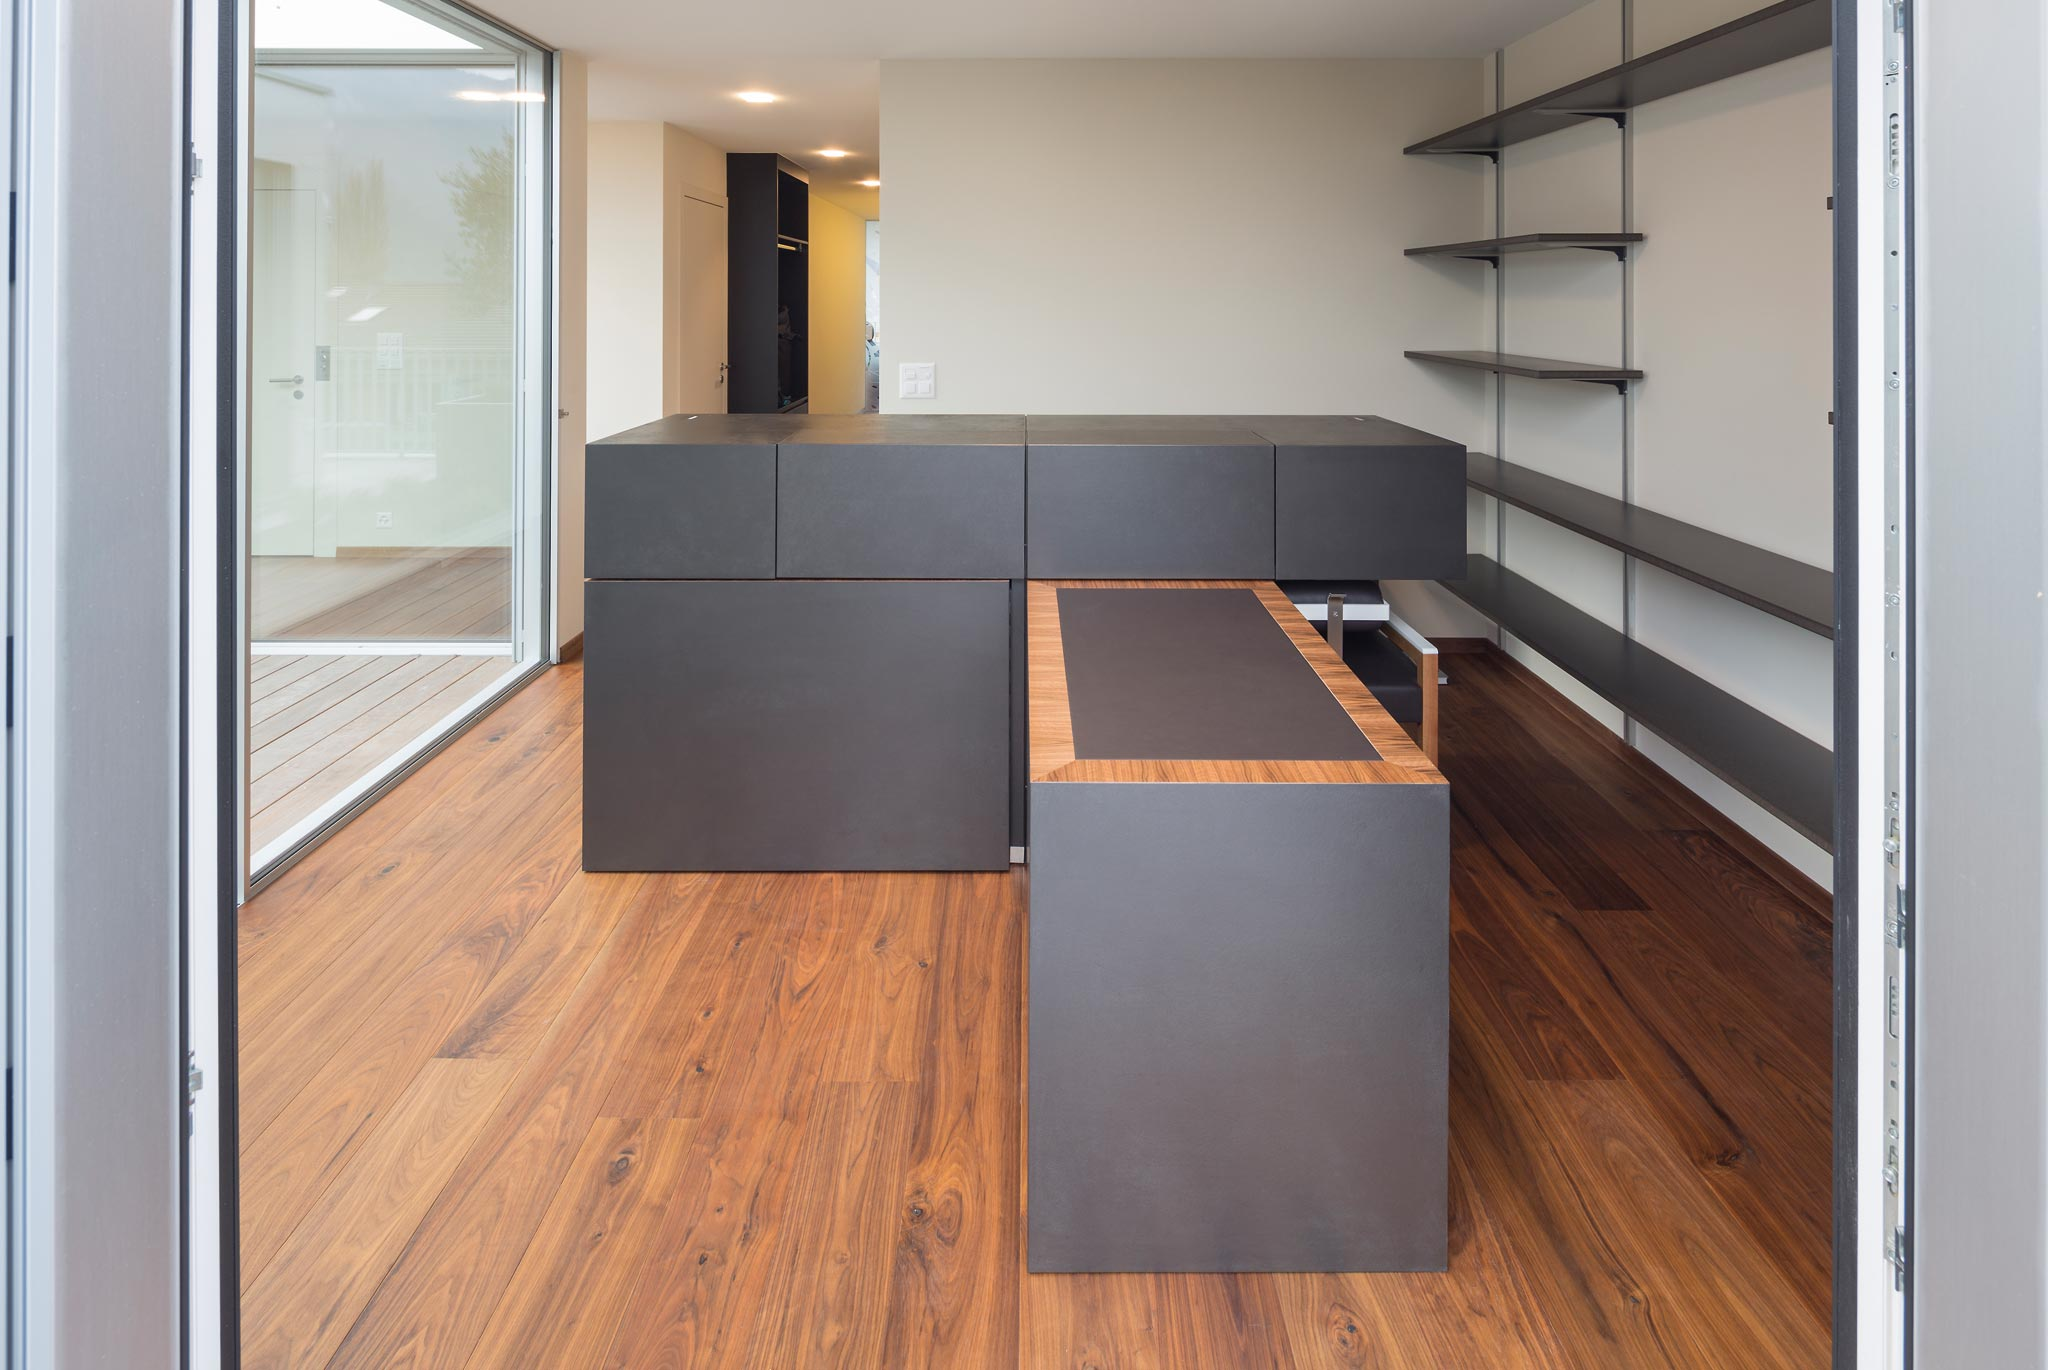 E mobilier Kabinet hor 14 11 005 - Lilo 4 - Le bureau